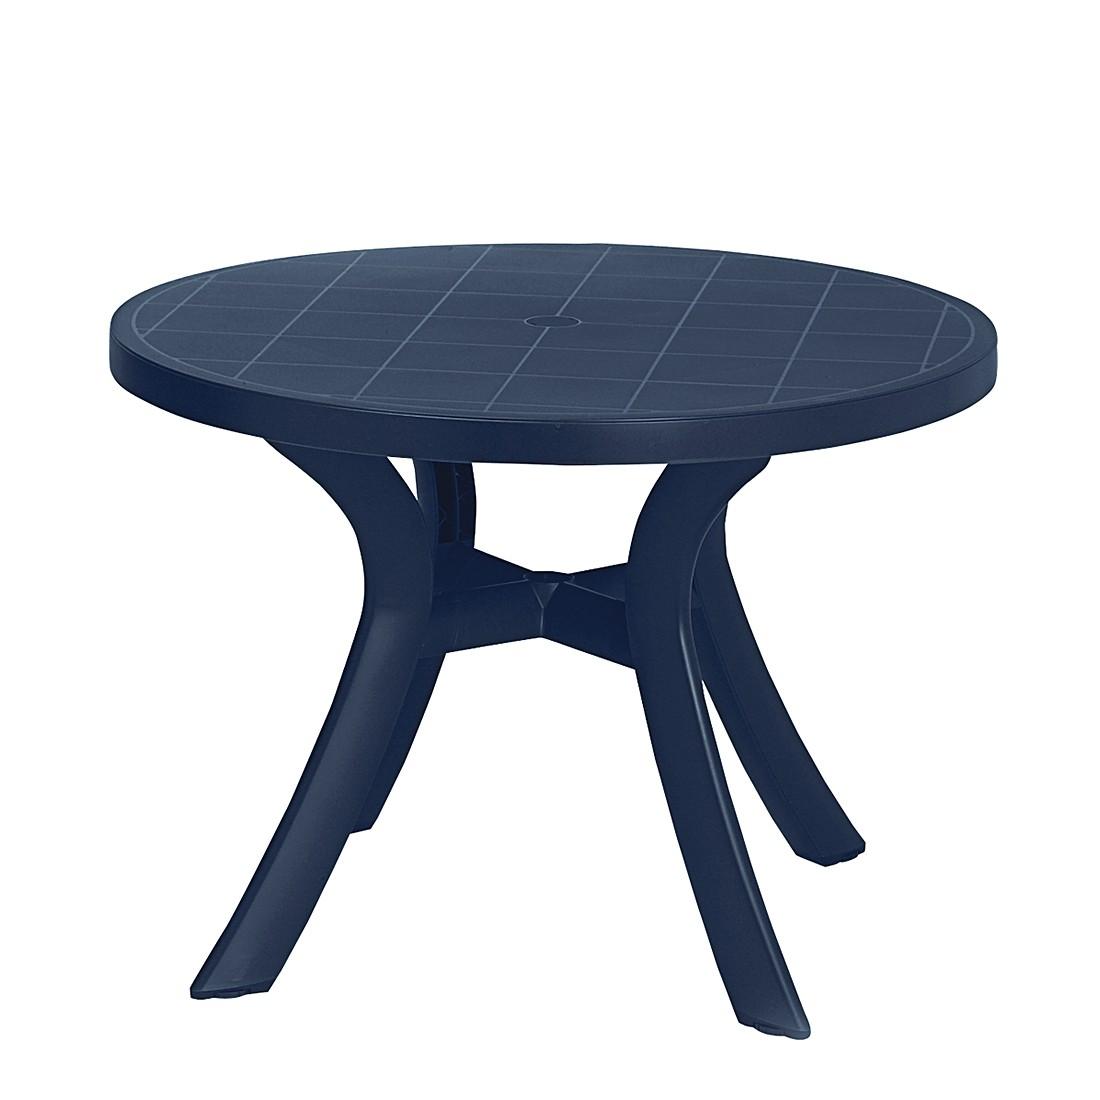 Gartentisch Kansas – Kunststoff – Blau, Best Freizeitmöbel jetzt bestellen